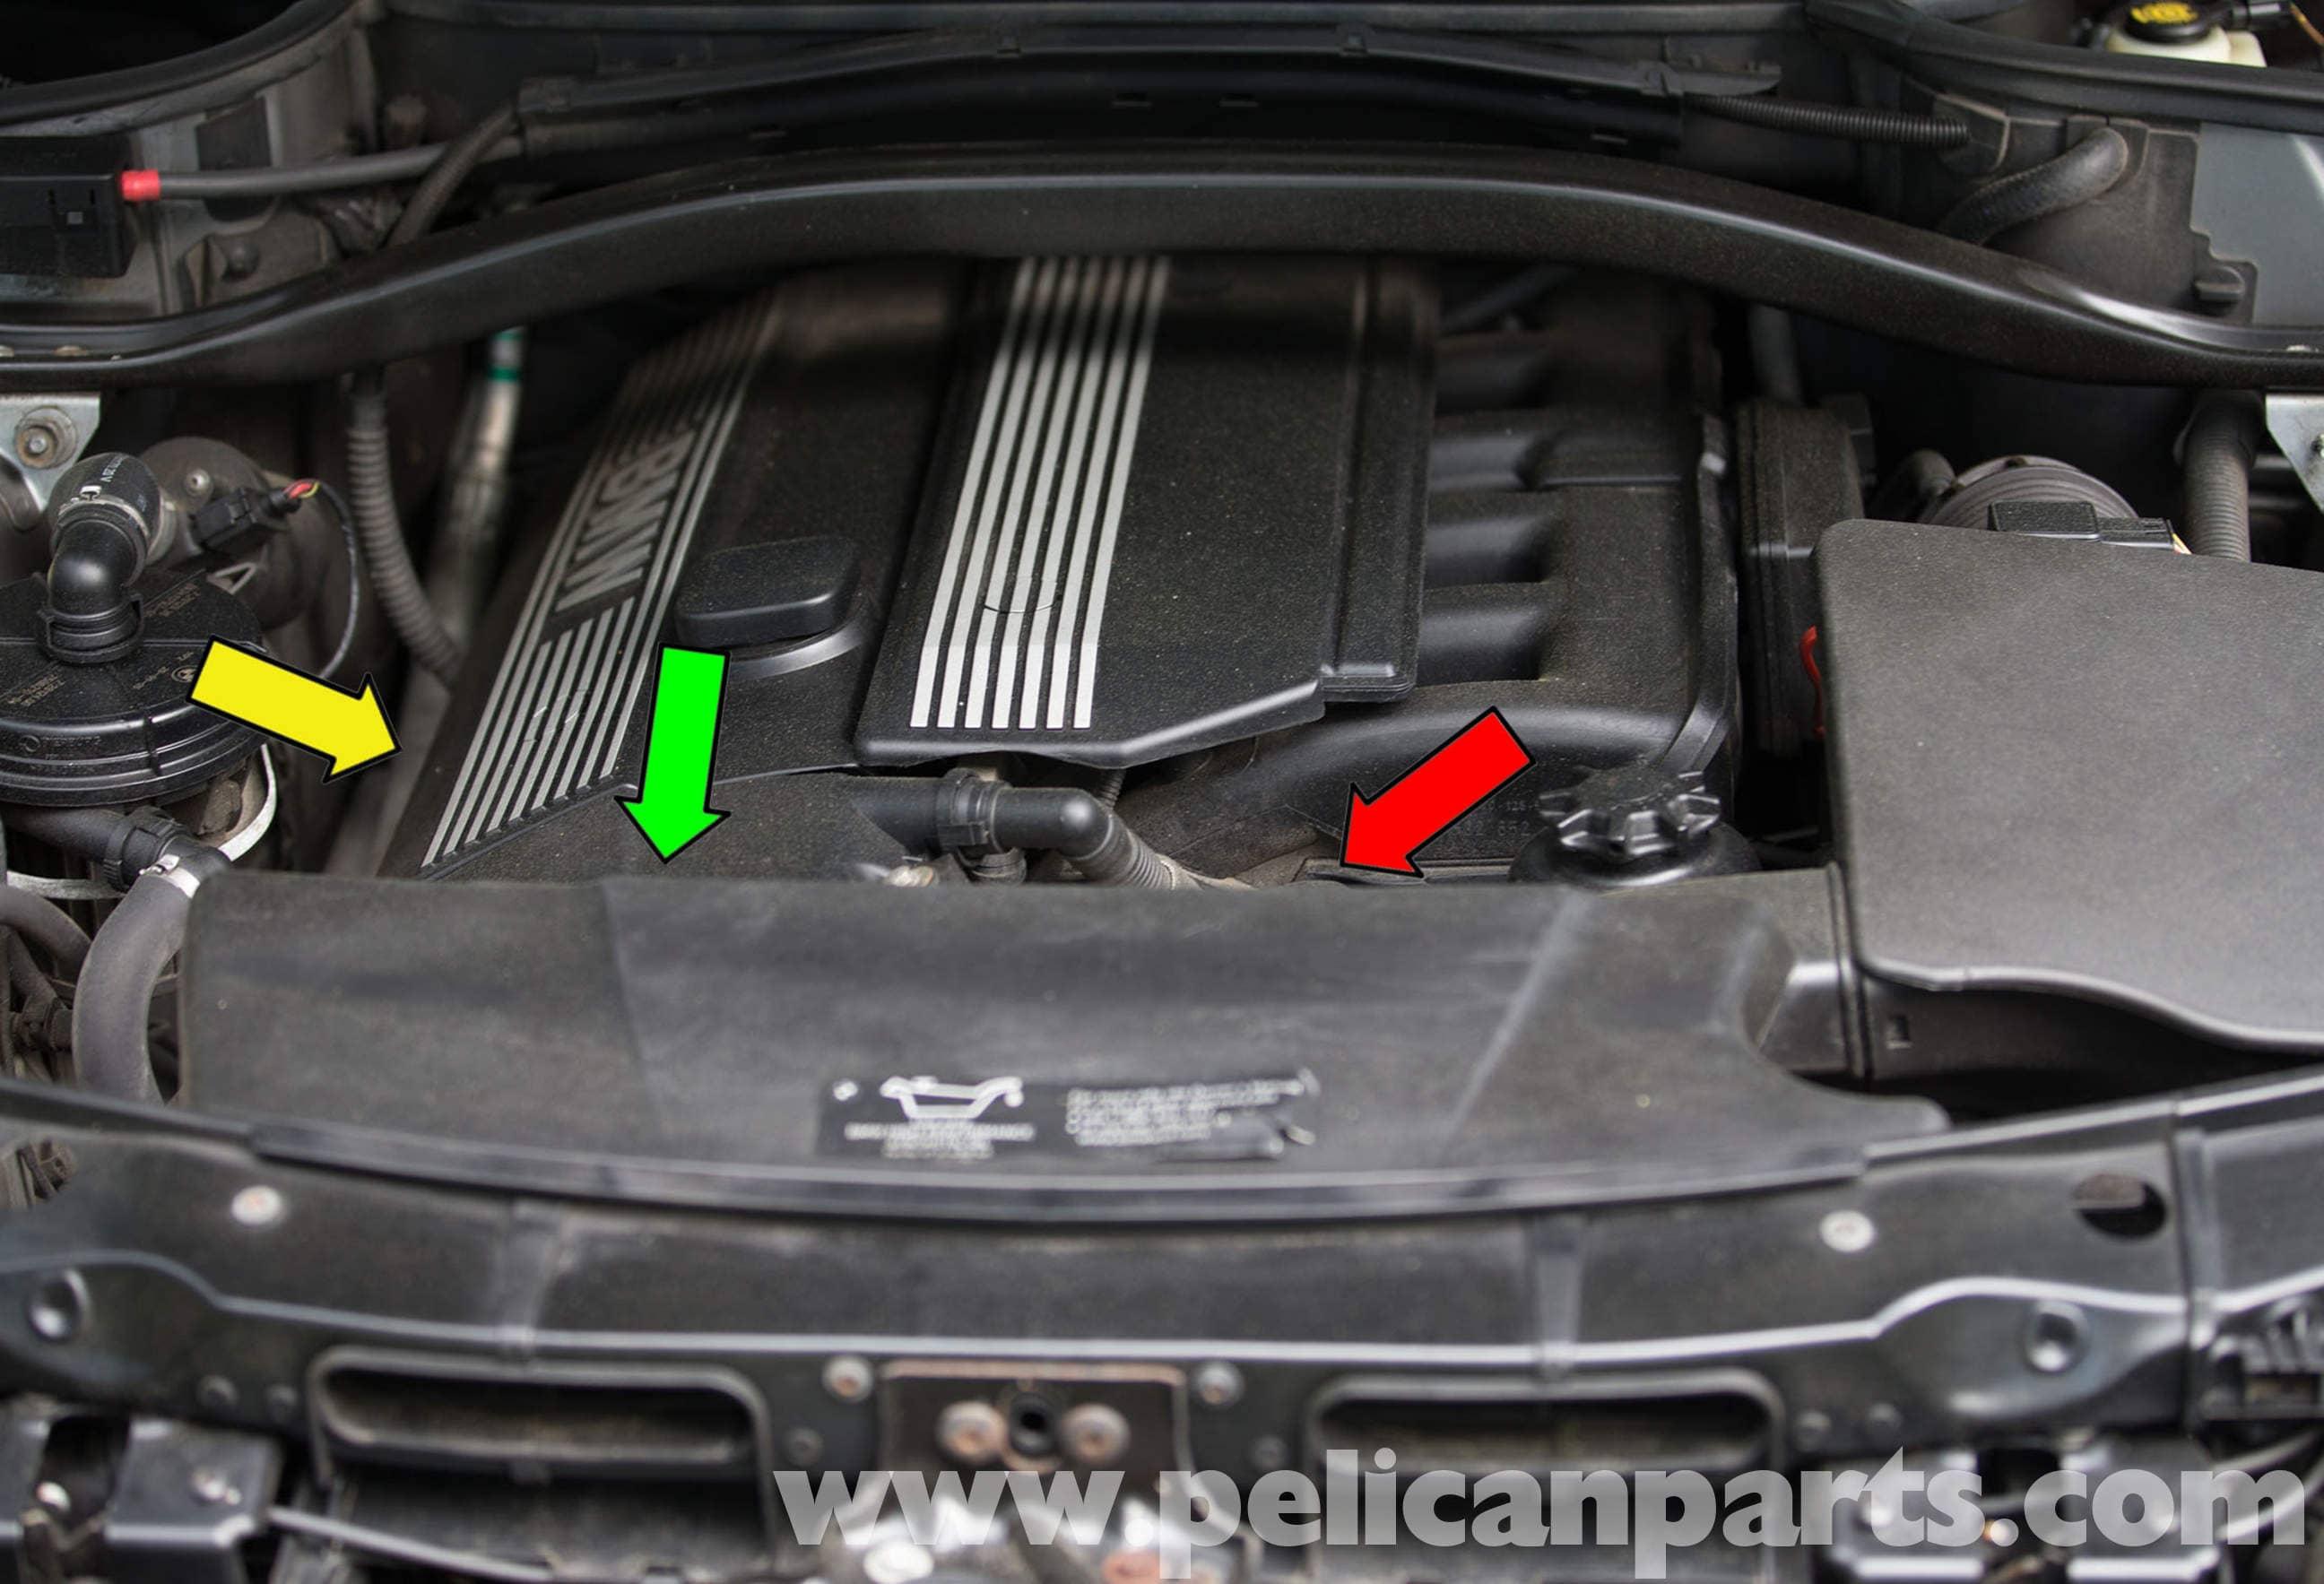 Pelican Parts Technical Article - BMW-X3 - Oil Leak Diagnosis